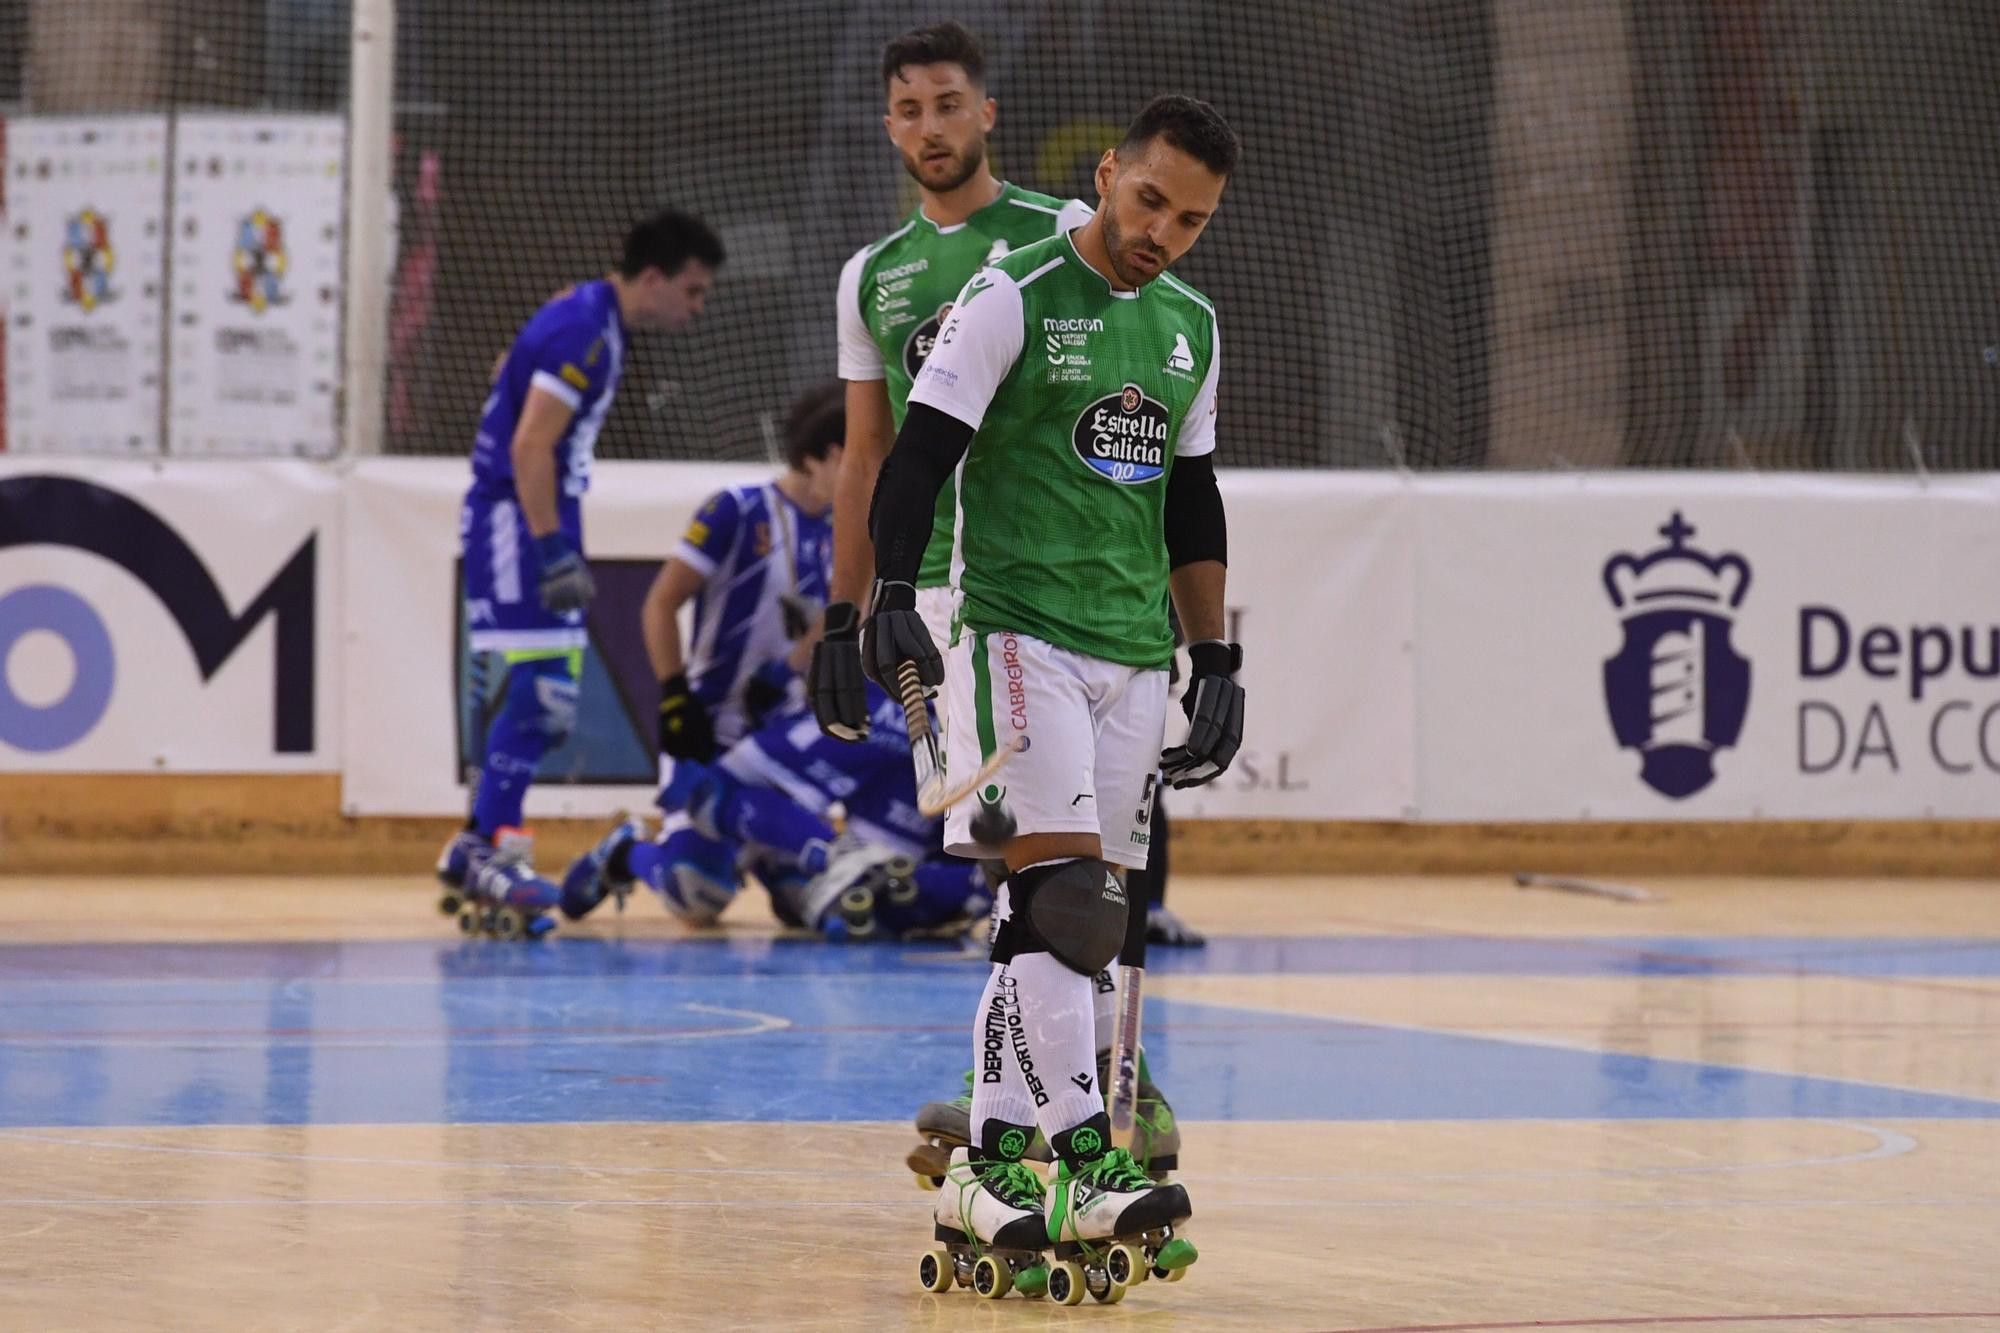 El Liceo debuta en la Copa del Rey de A Coruña con victoria (3-2) frente al Voltregá